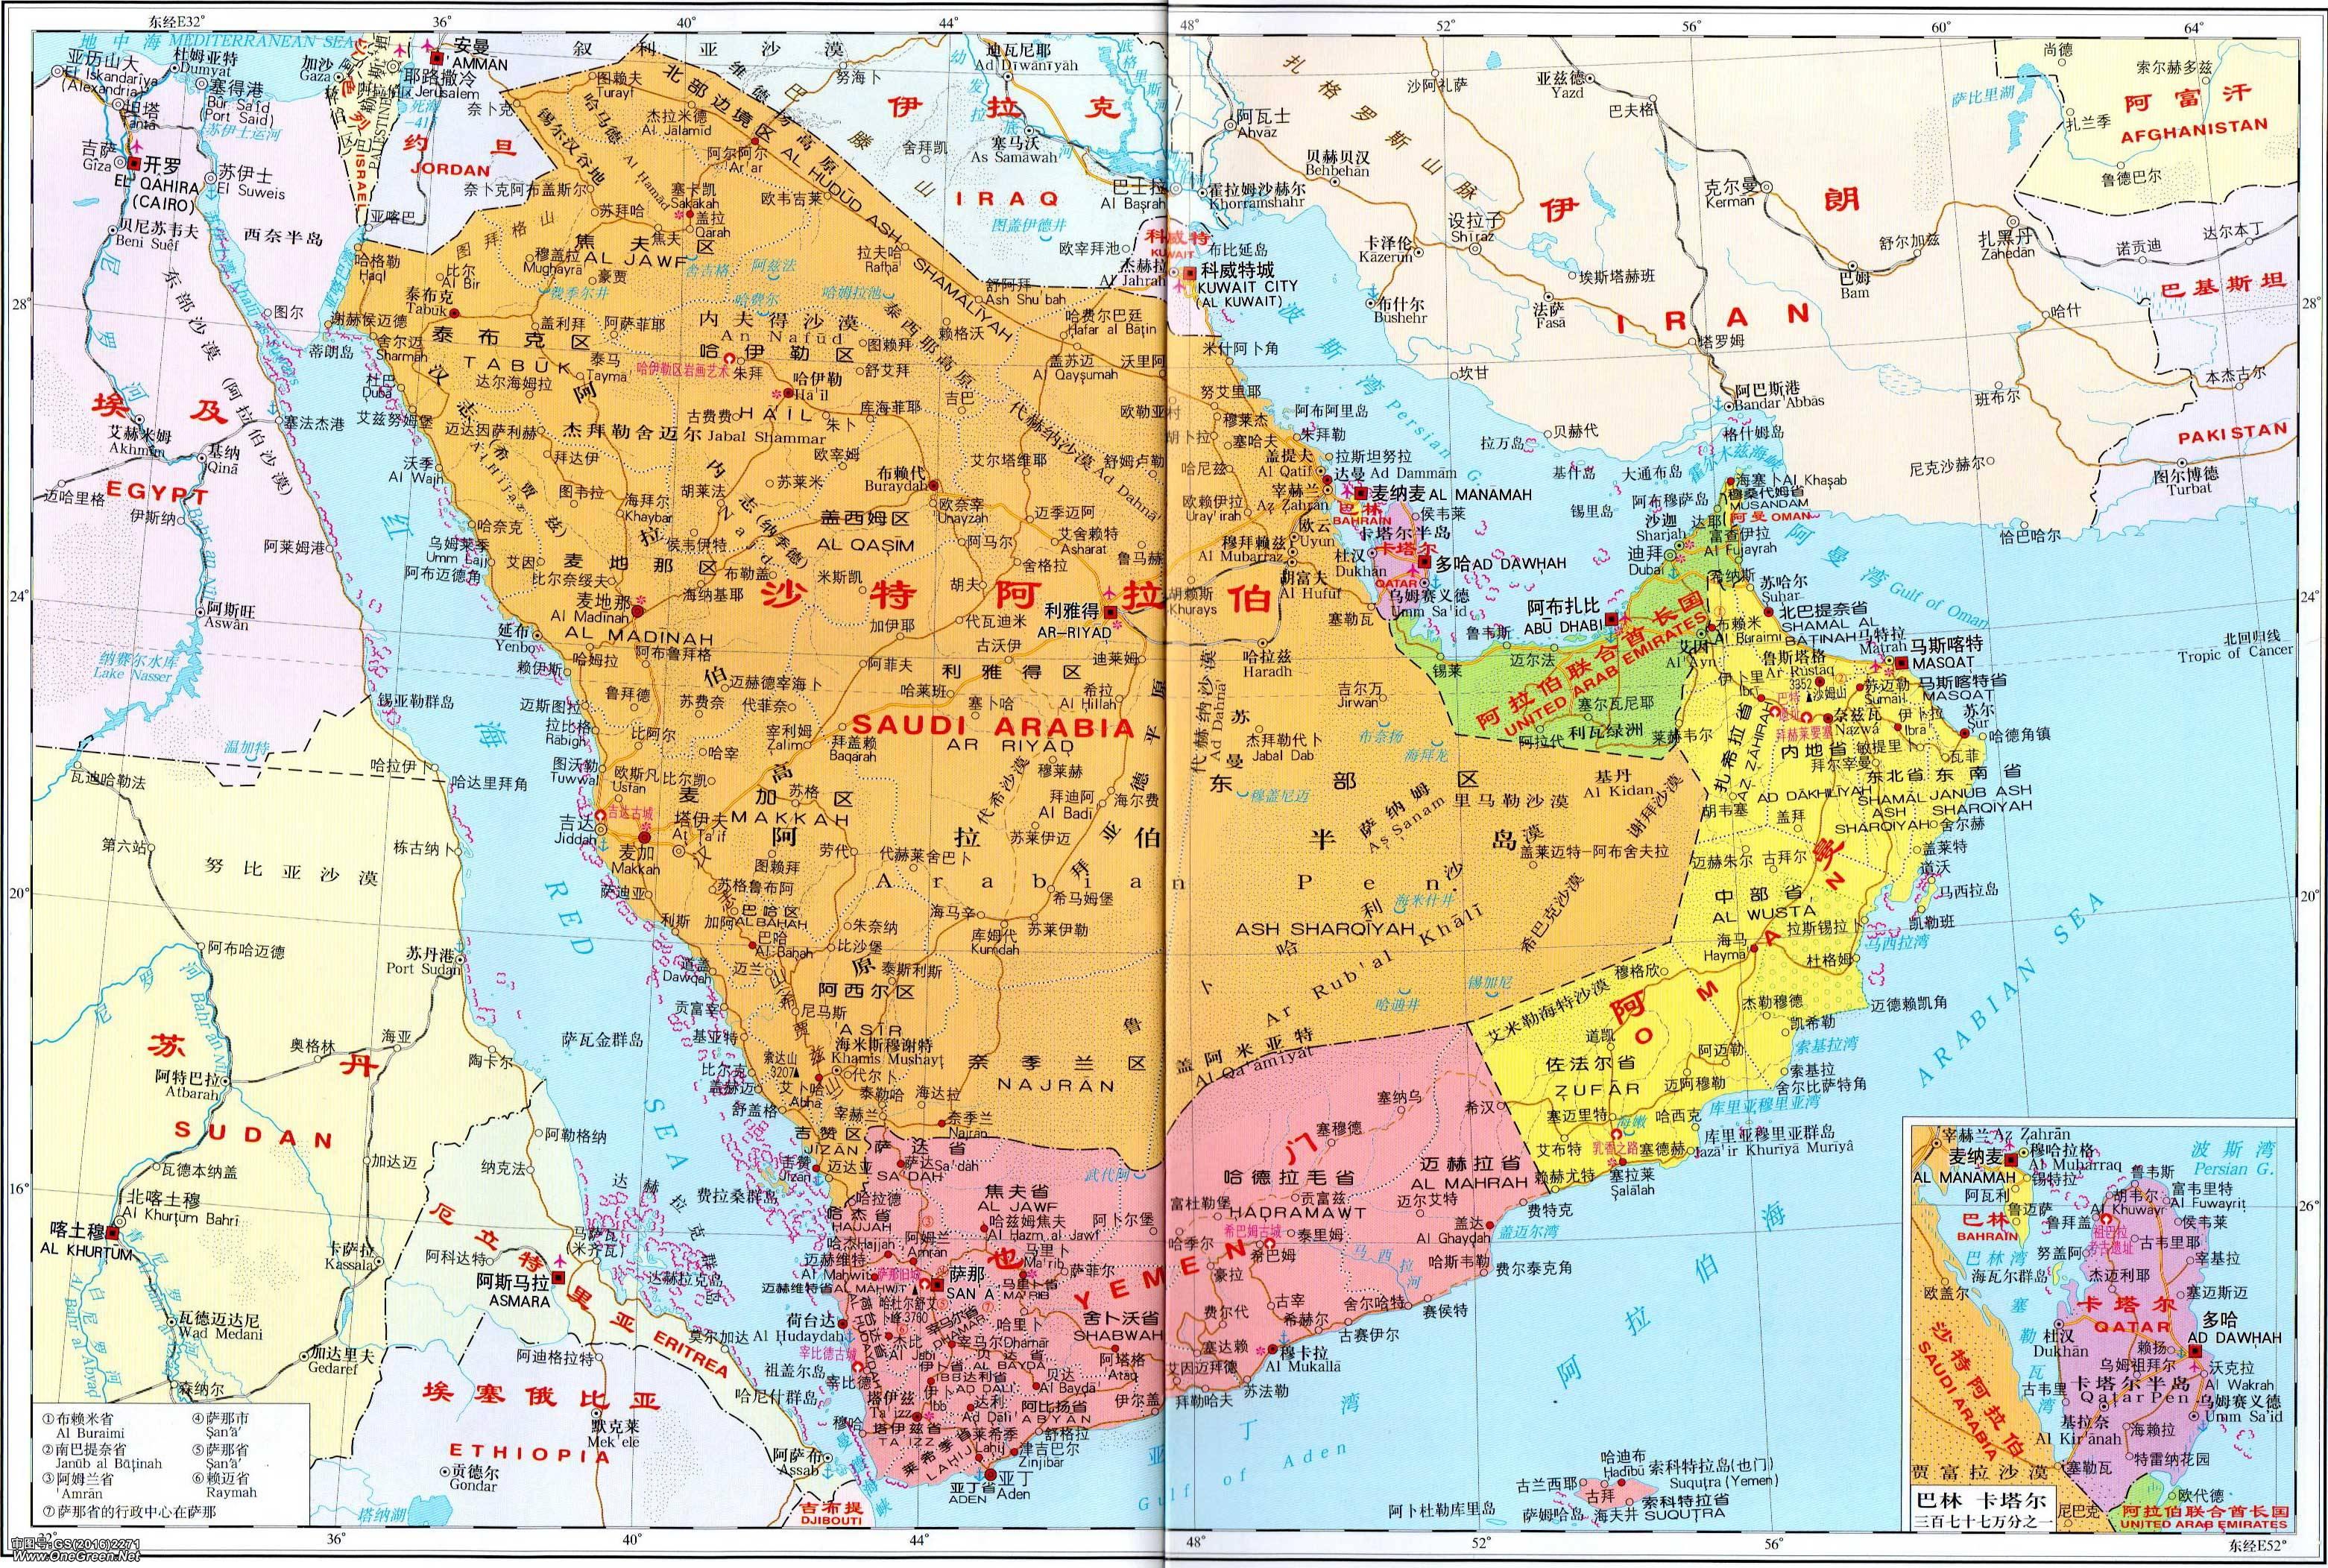 迪拜市区地图中文版